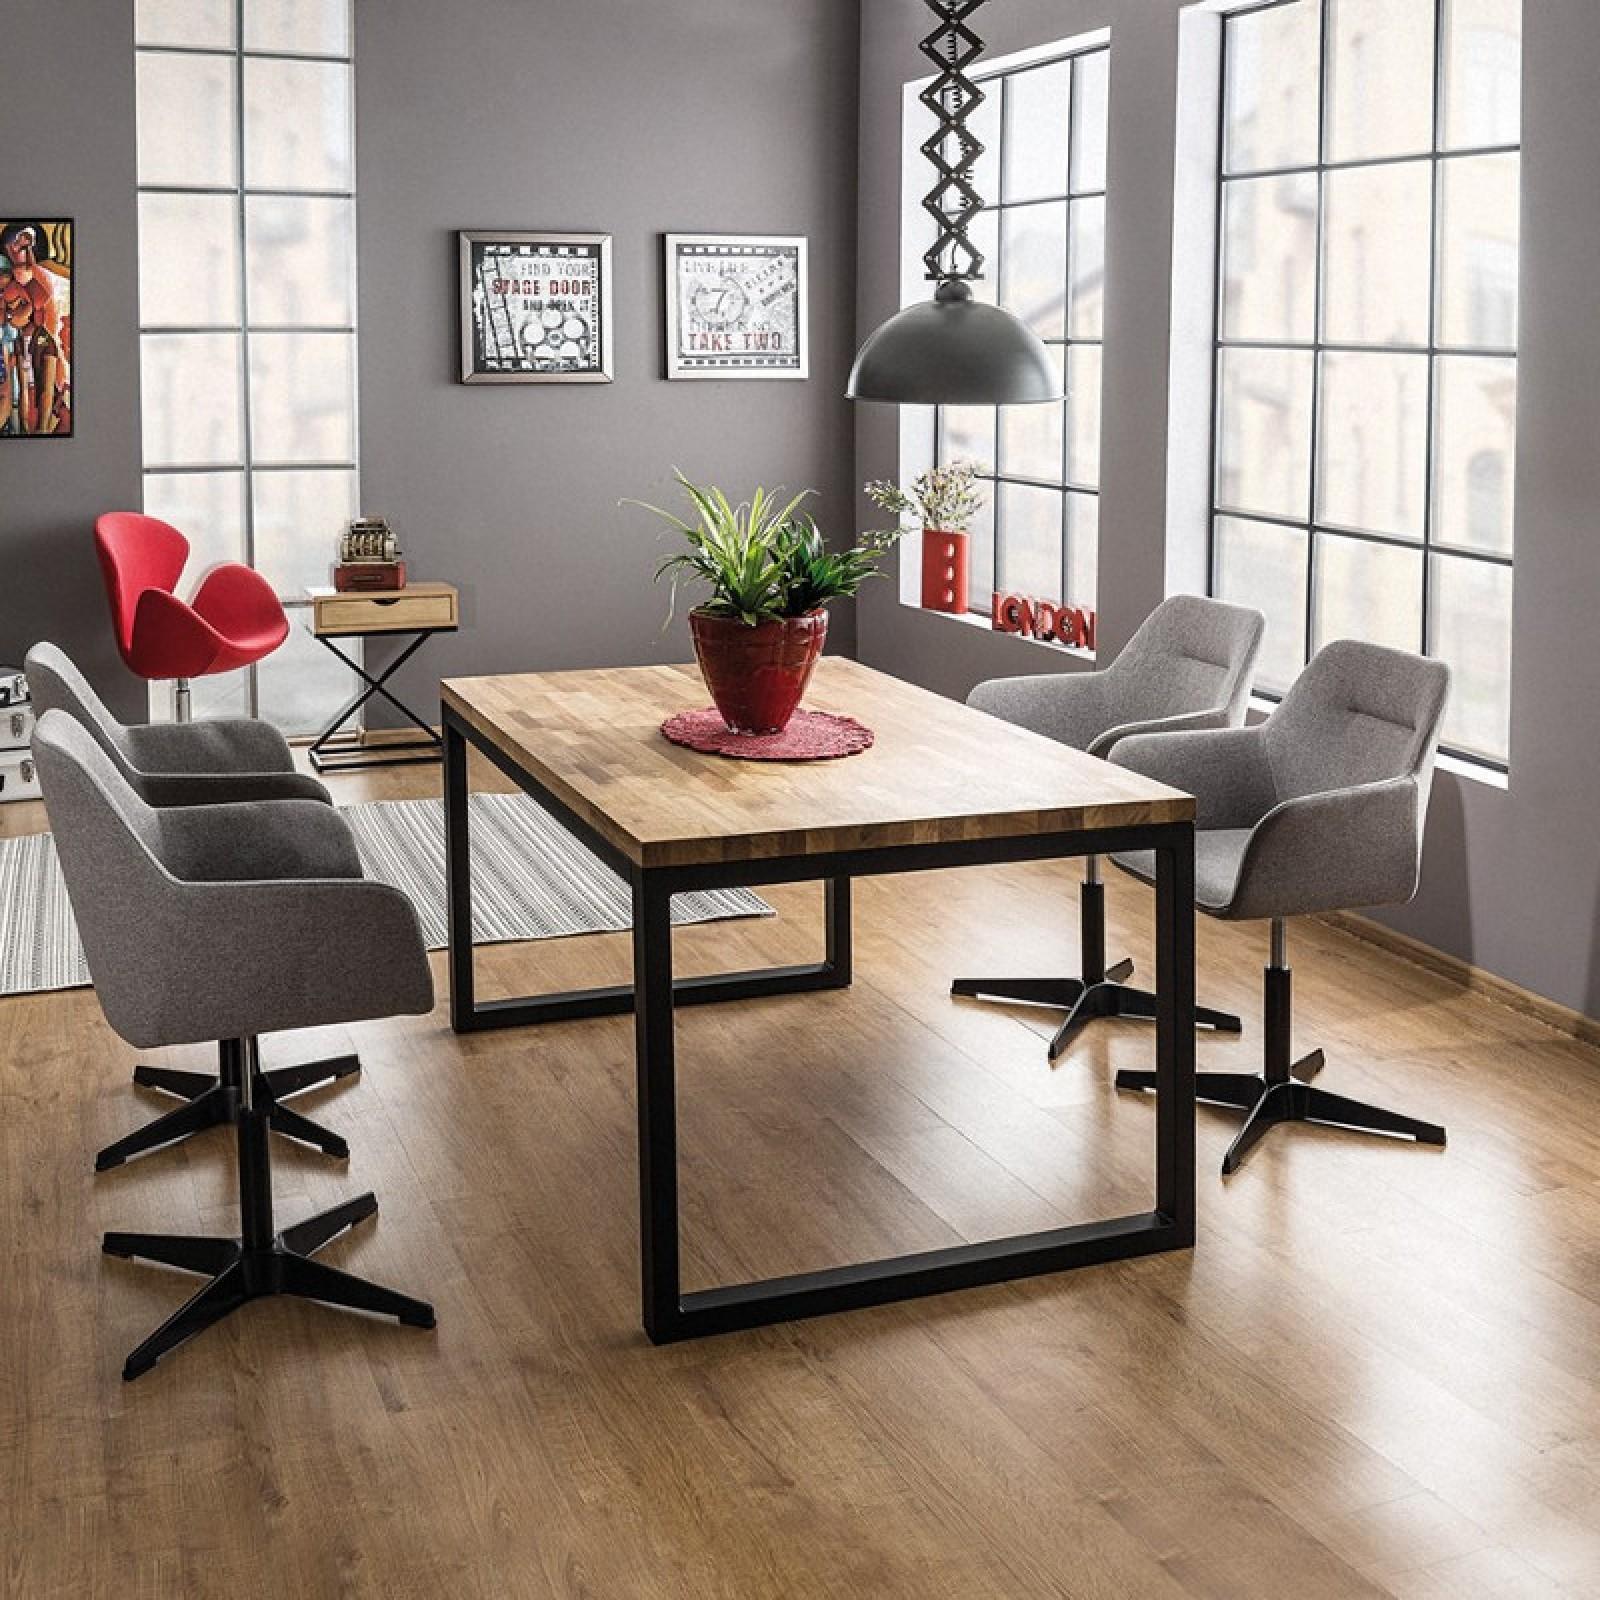 loft,prémiumbútor,design,lakberendezés, étkezőasztal, étkező,étkezőszék